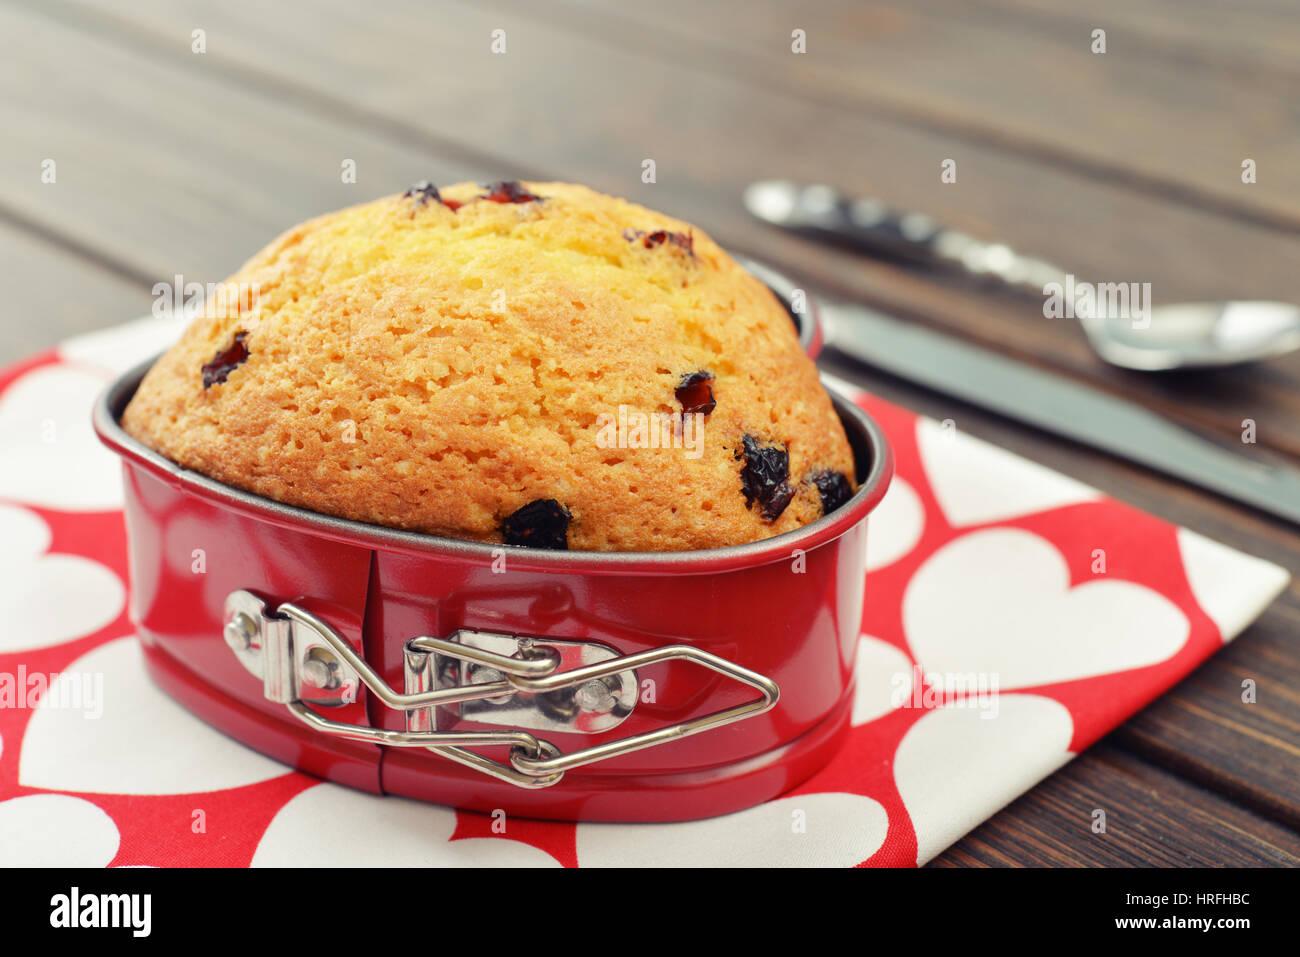 Appena sfornato muffin mirtillo rosso a forma di cuore. Immagini Stock